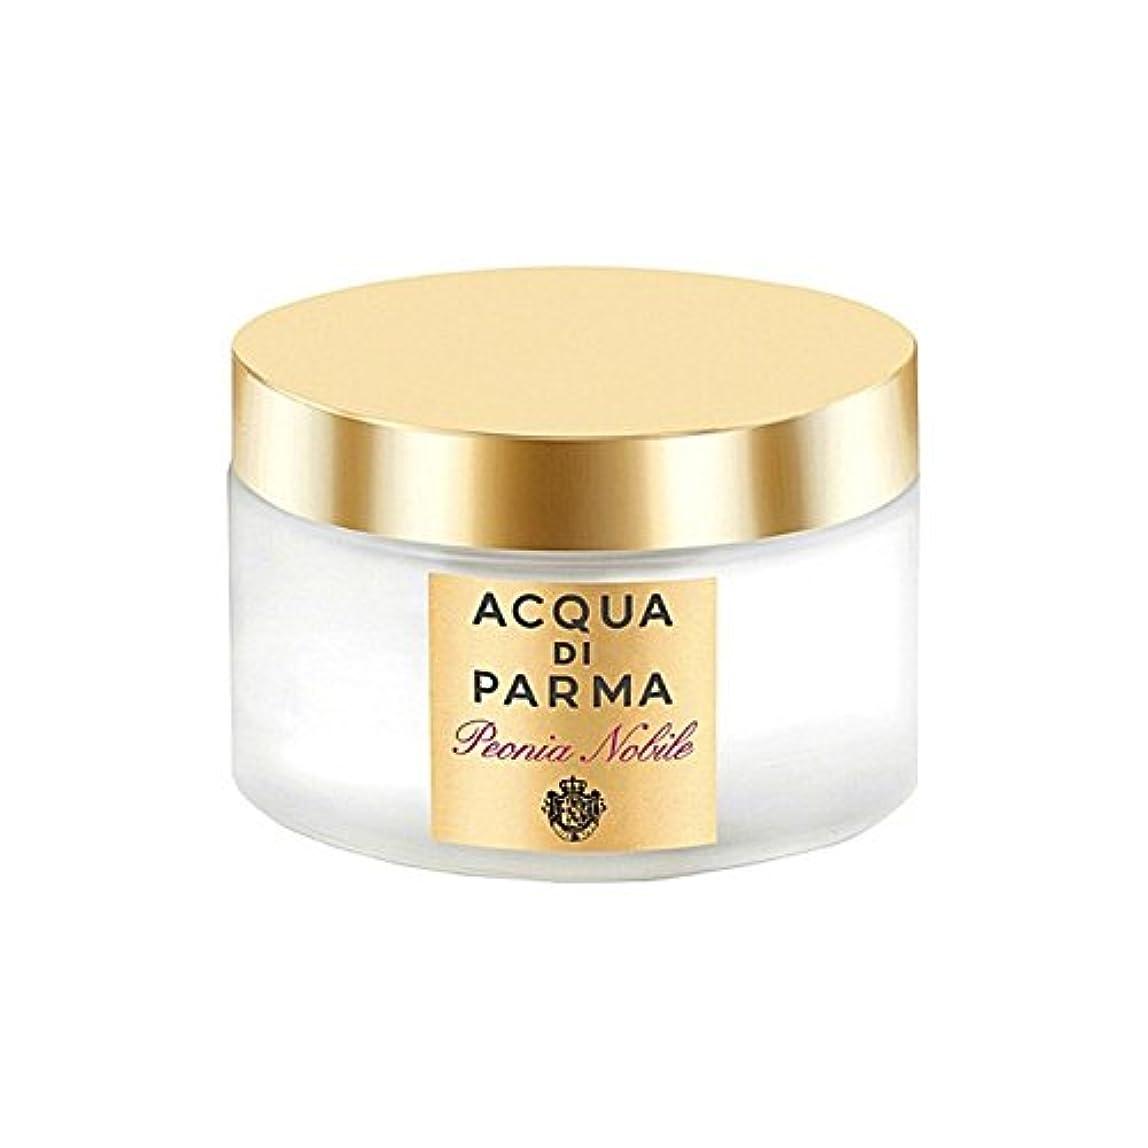 債務者スーダン融合Acqua Di Parma Peonia Nobile Body Cream 150ml (Pack of 6) - アクアディパルマノビレボディクリーム150ミリリットル x6 [並行輸入品]